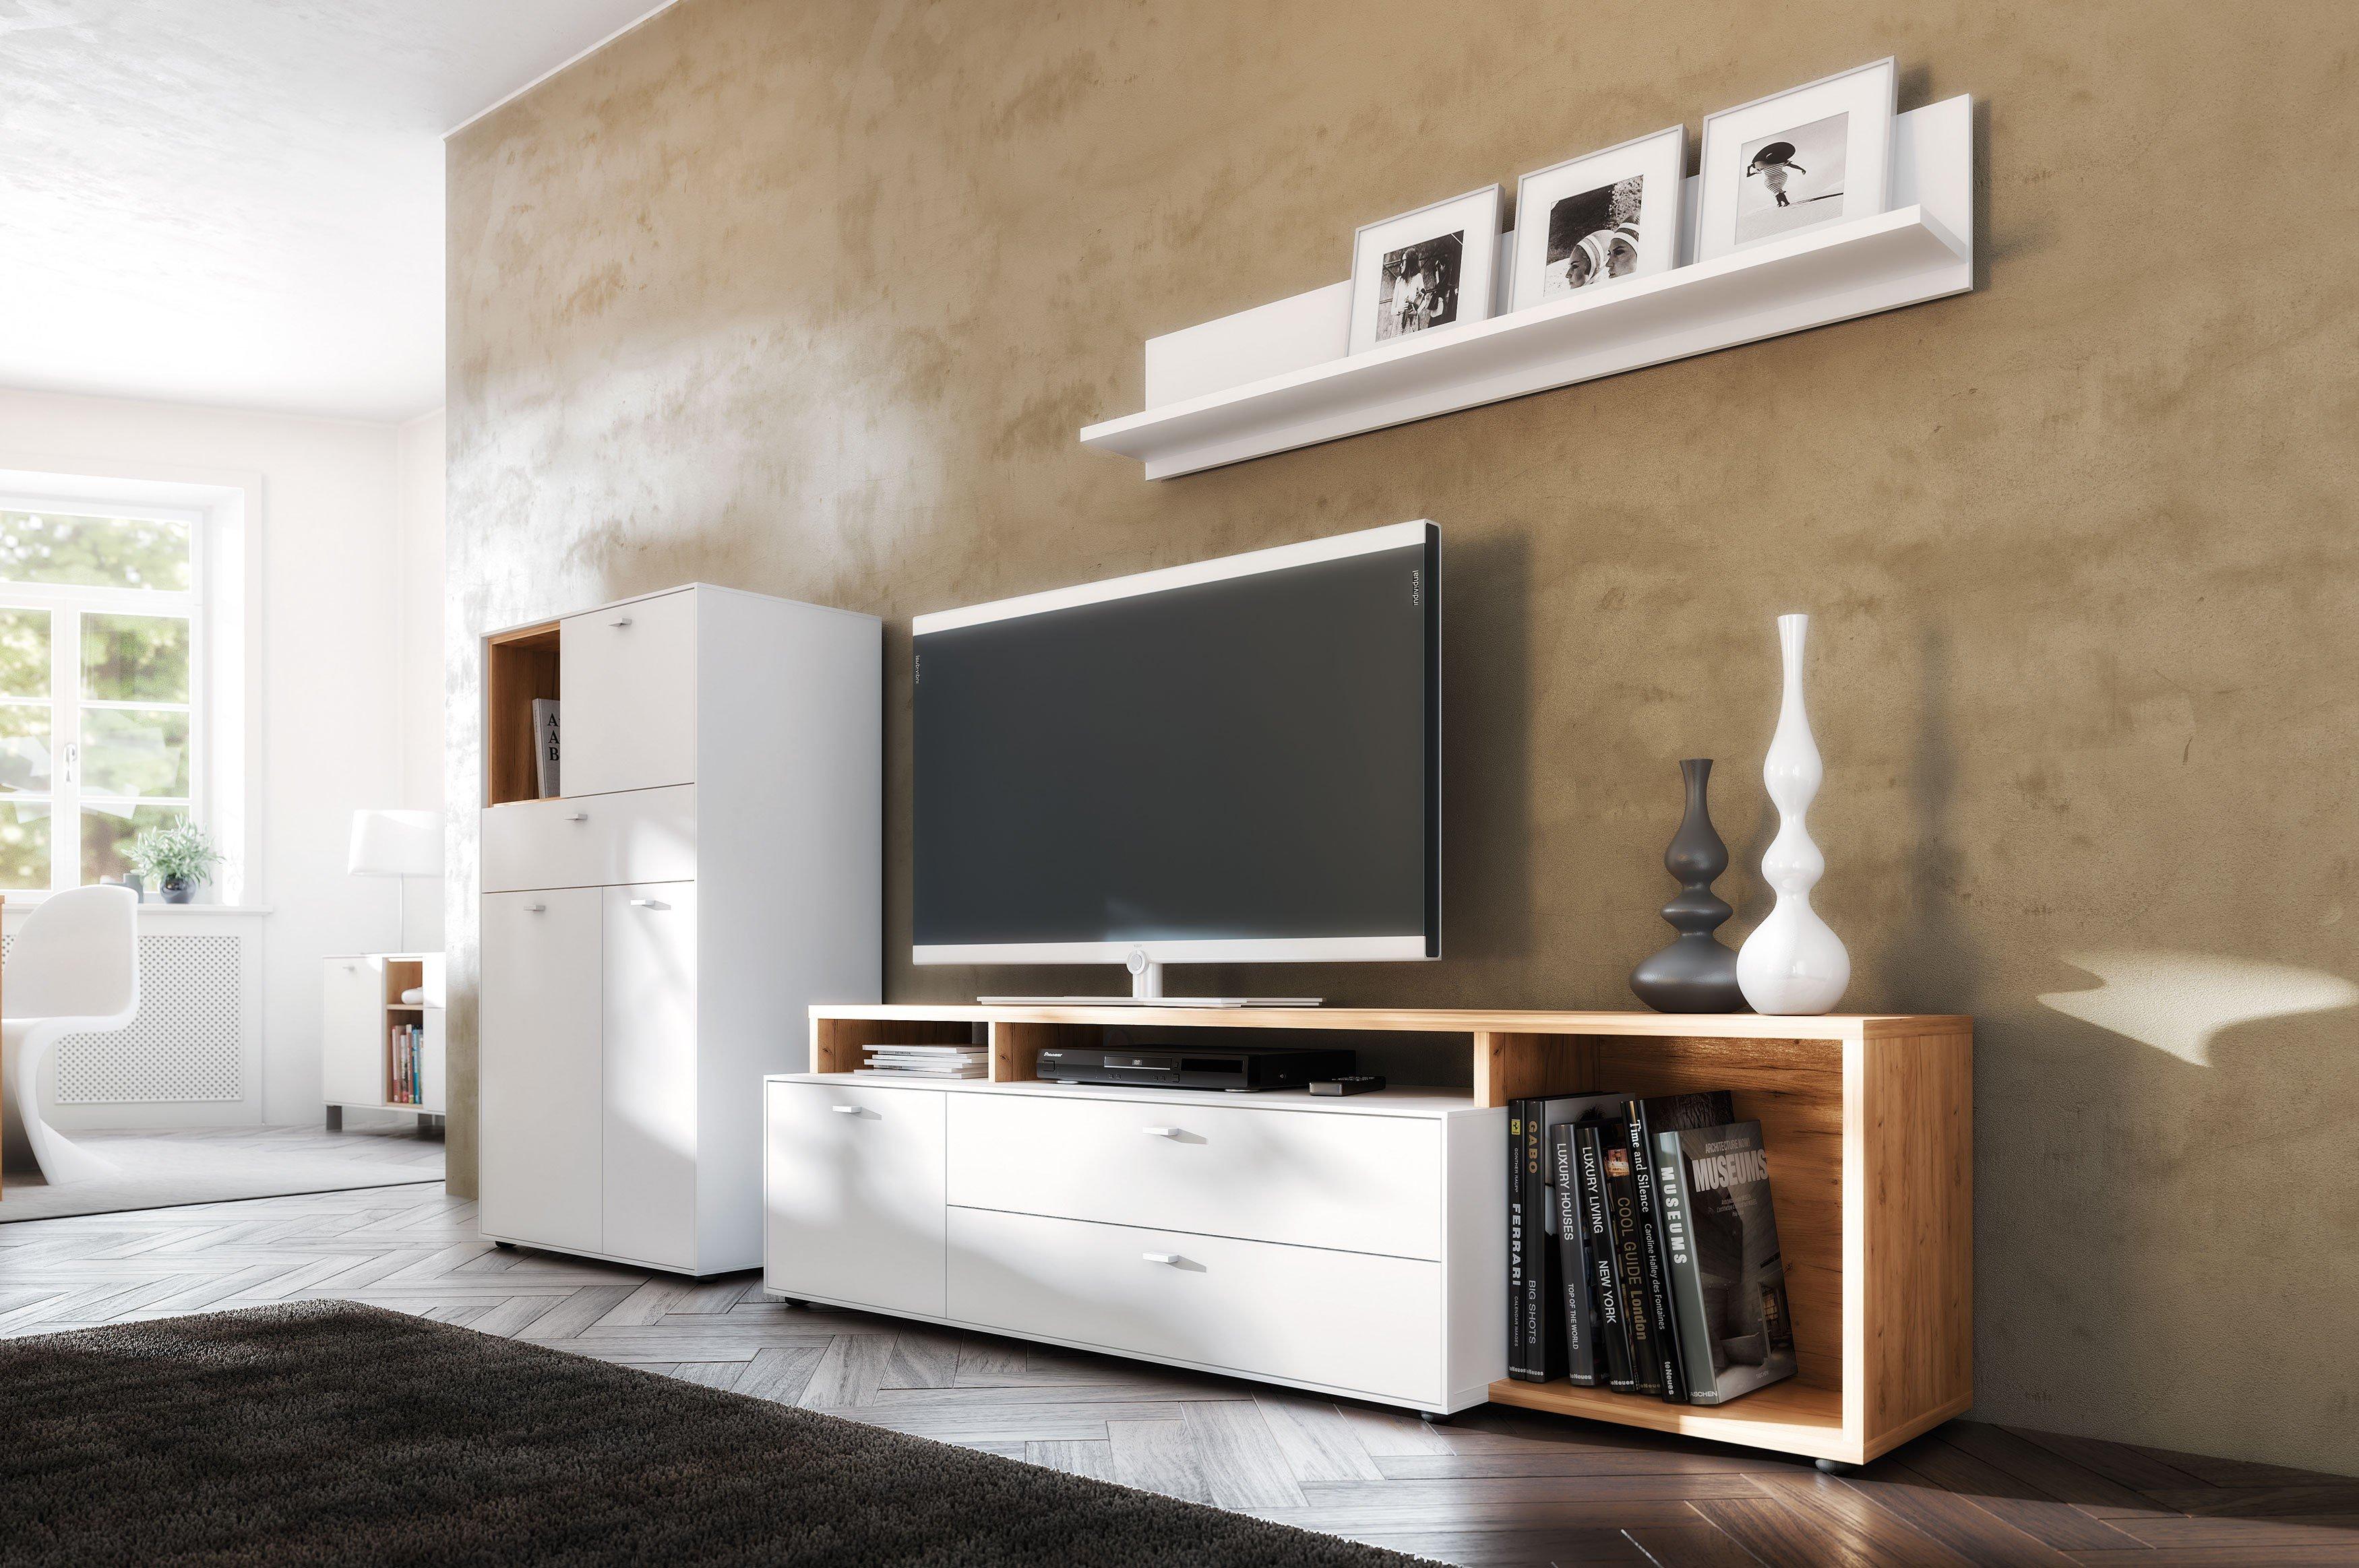 Germania Wohnwand Design2 Eiche/ weiß | Möbel Letz - Ihr Online-Shop